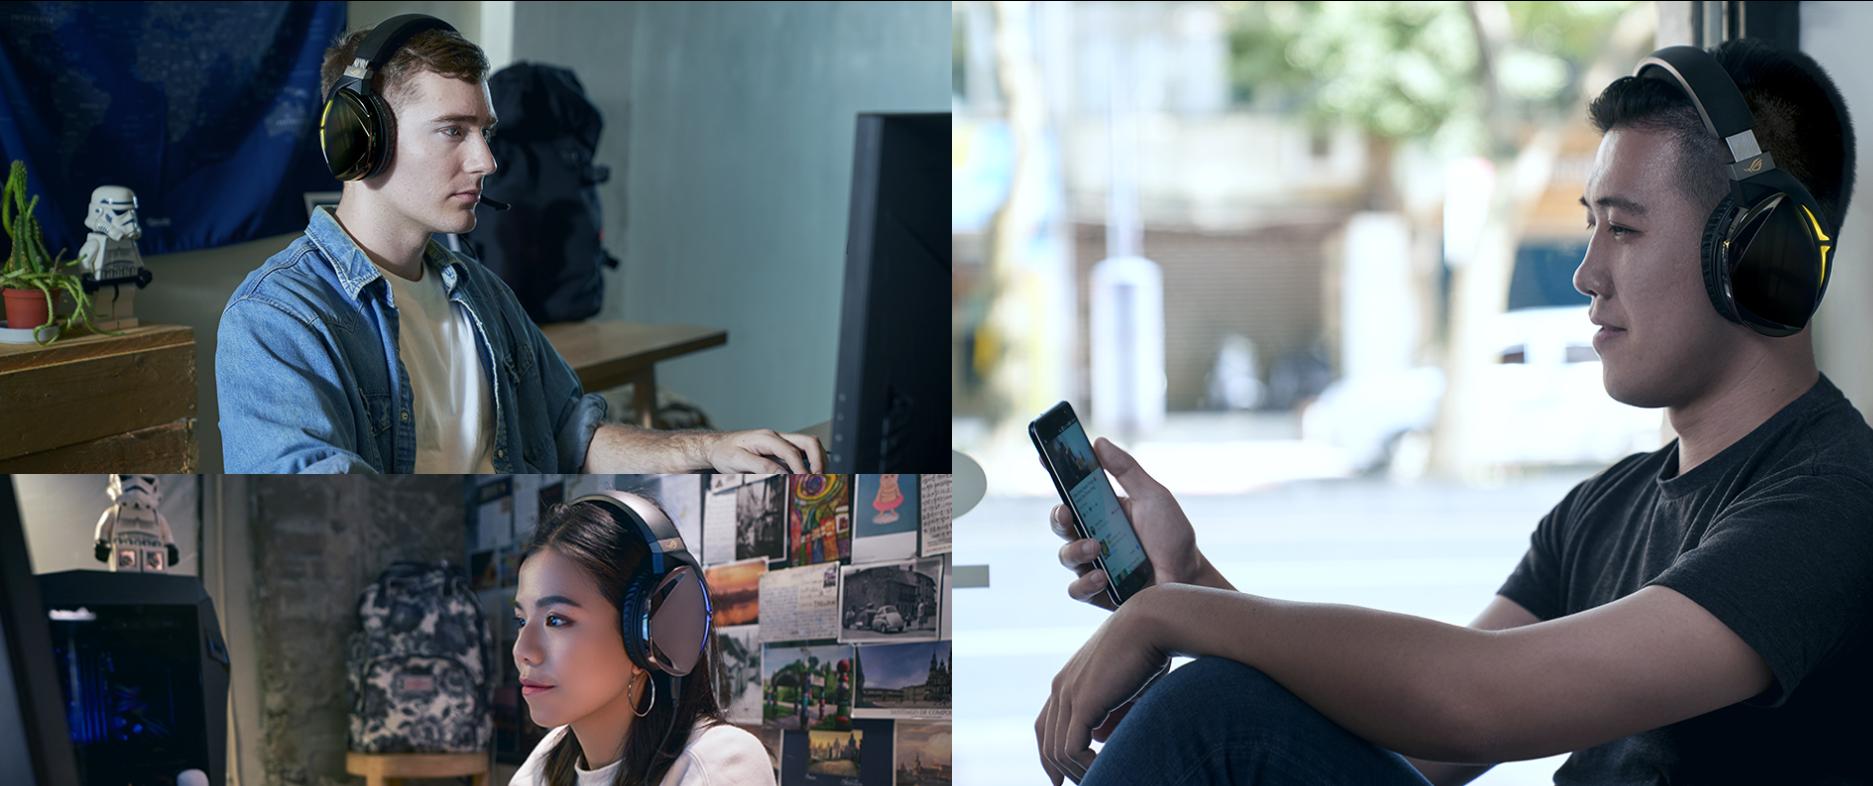 Tai nghe Bluetooth Asus ROG Strix Fusion 700 Gaming sử dụng chế độ bluetooth tiện lợi